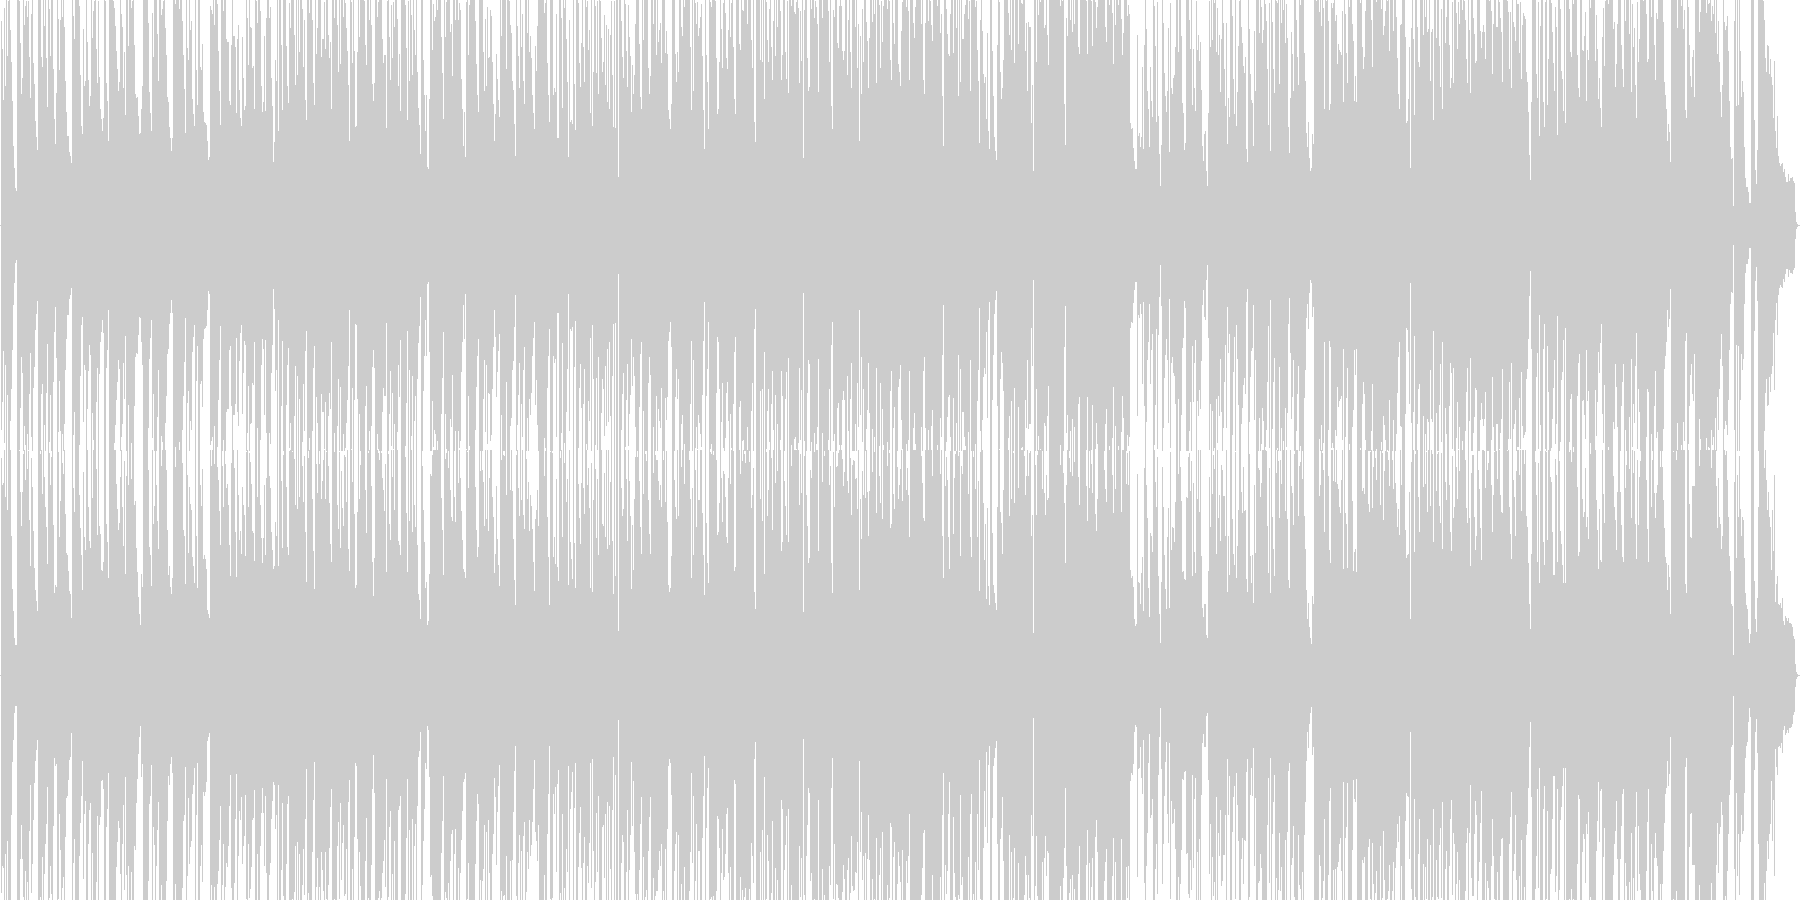 ガーシュウィンのピアノトリオバラードの未再生の波形